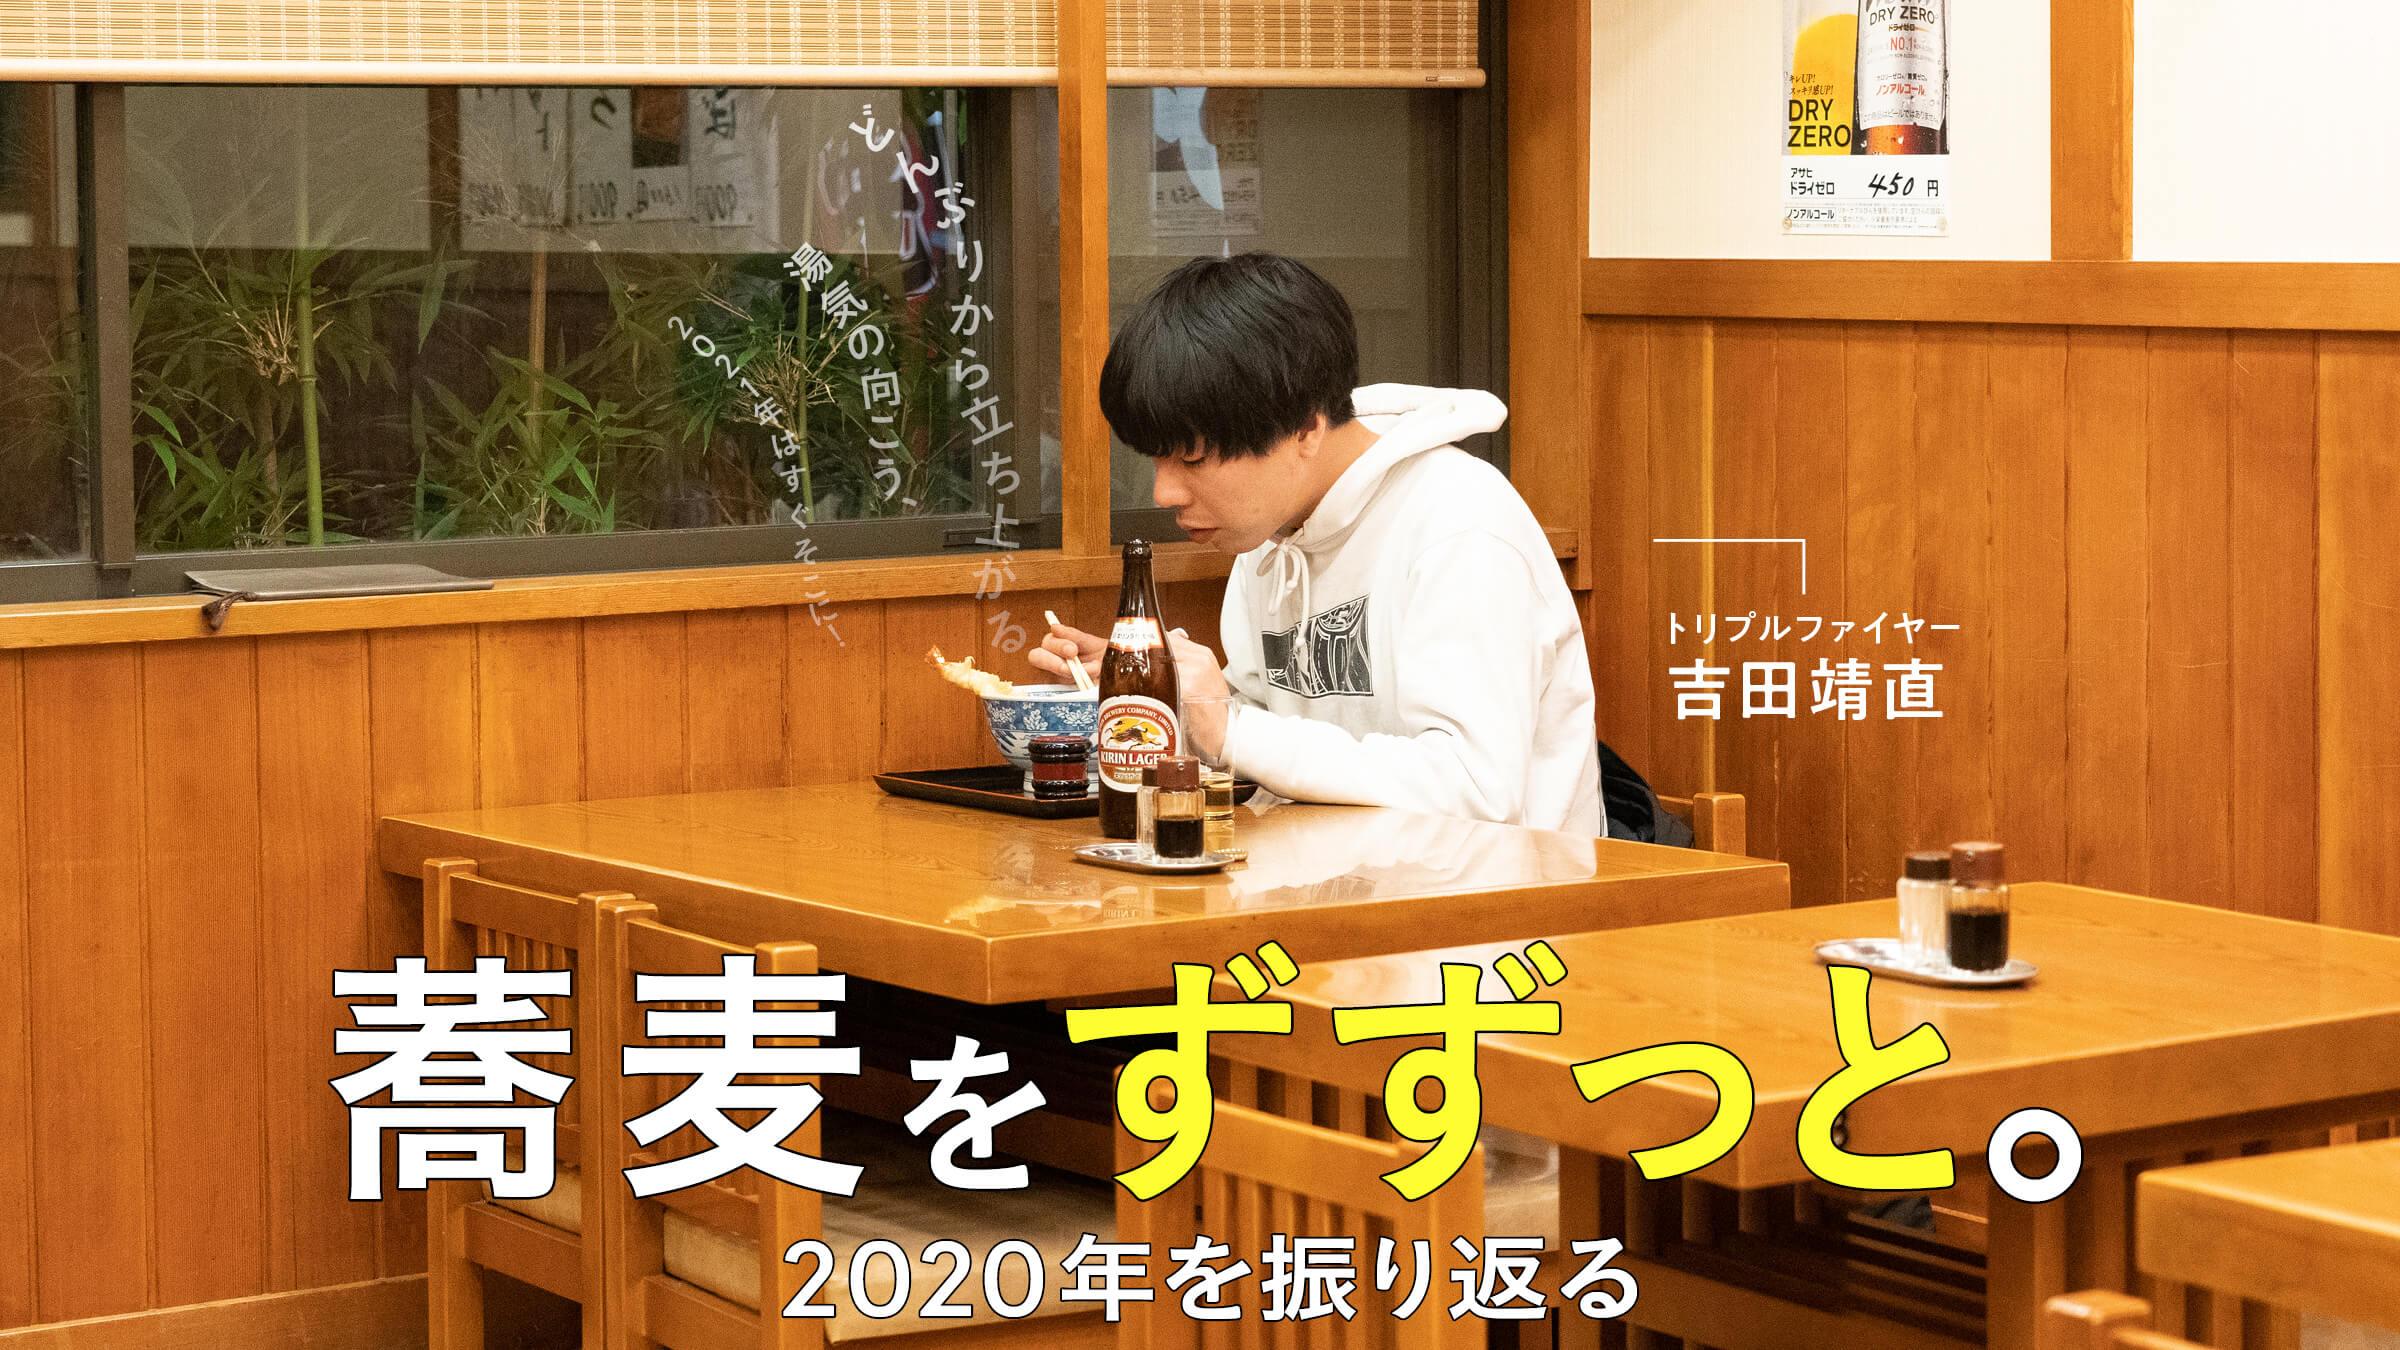 蕎麦をずずっと。2020年を振り返る。トリプルファイヤー 吉田靖直